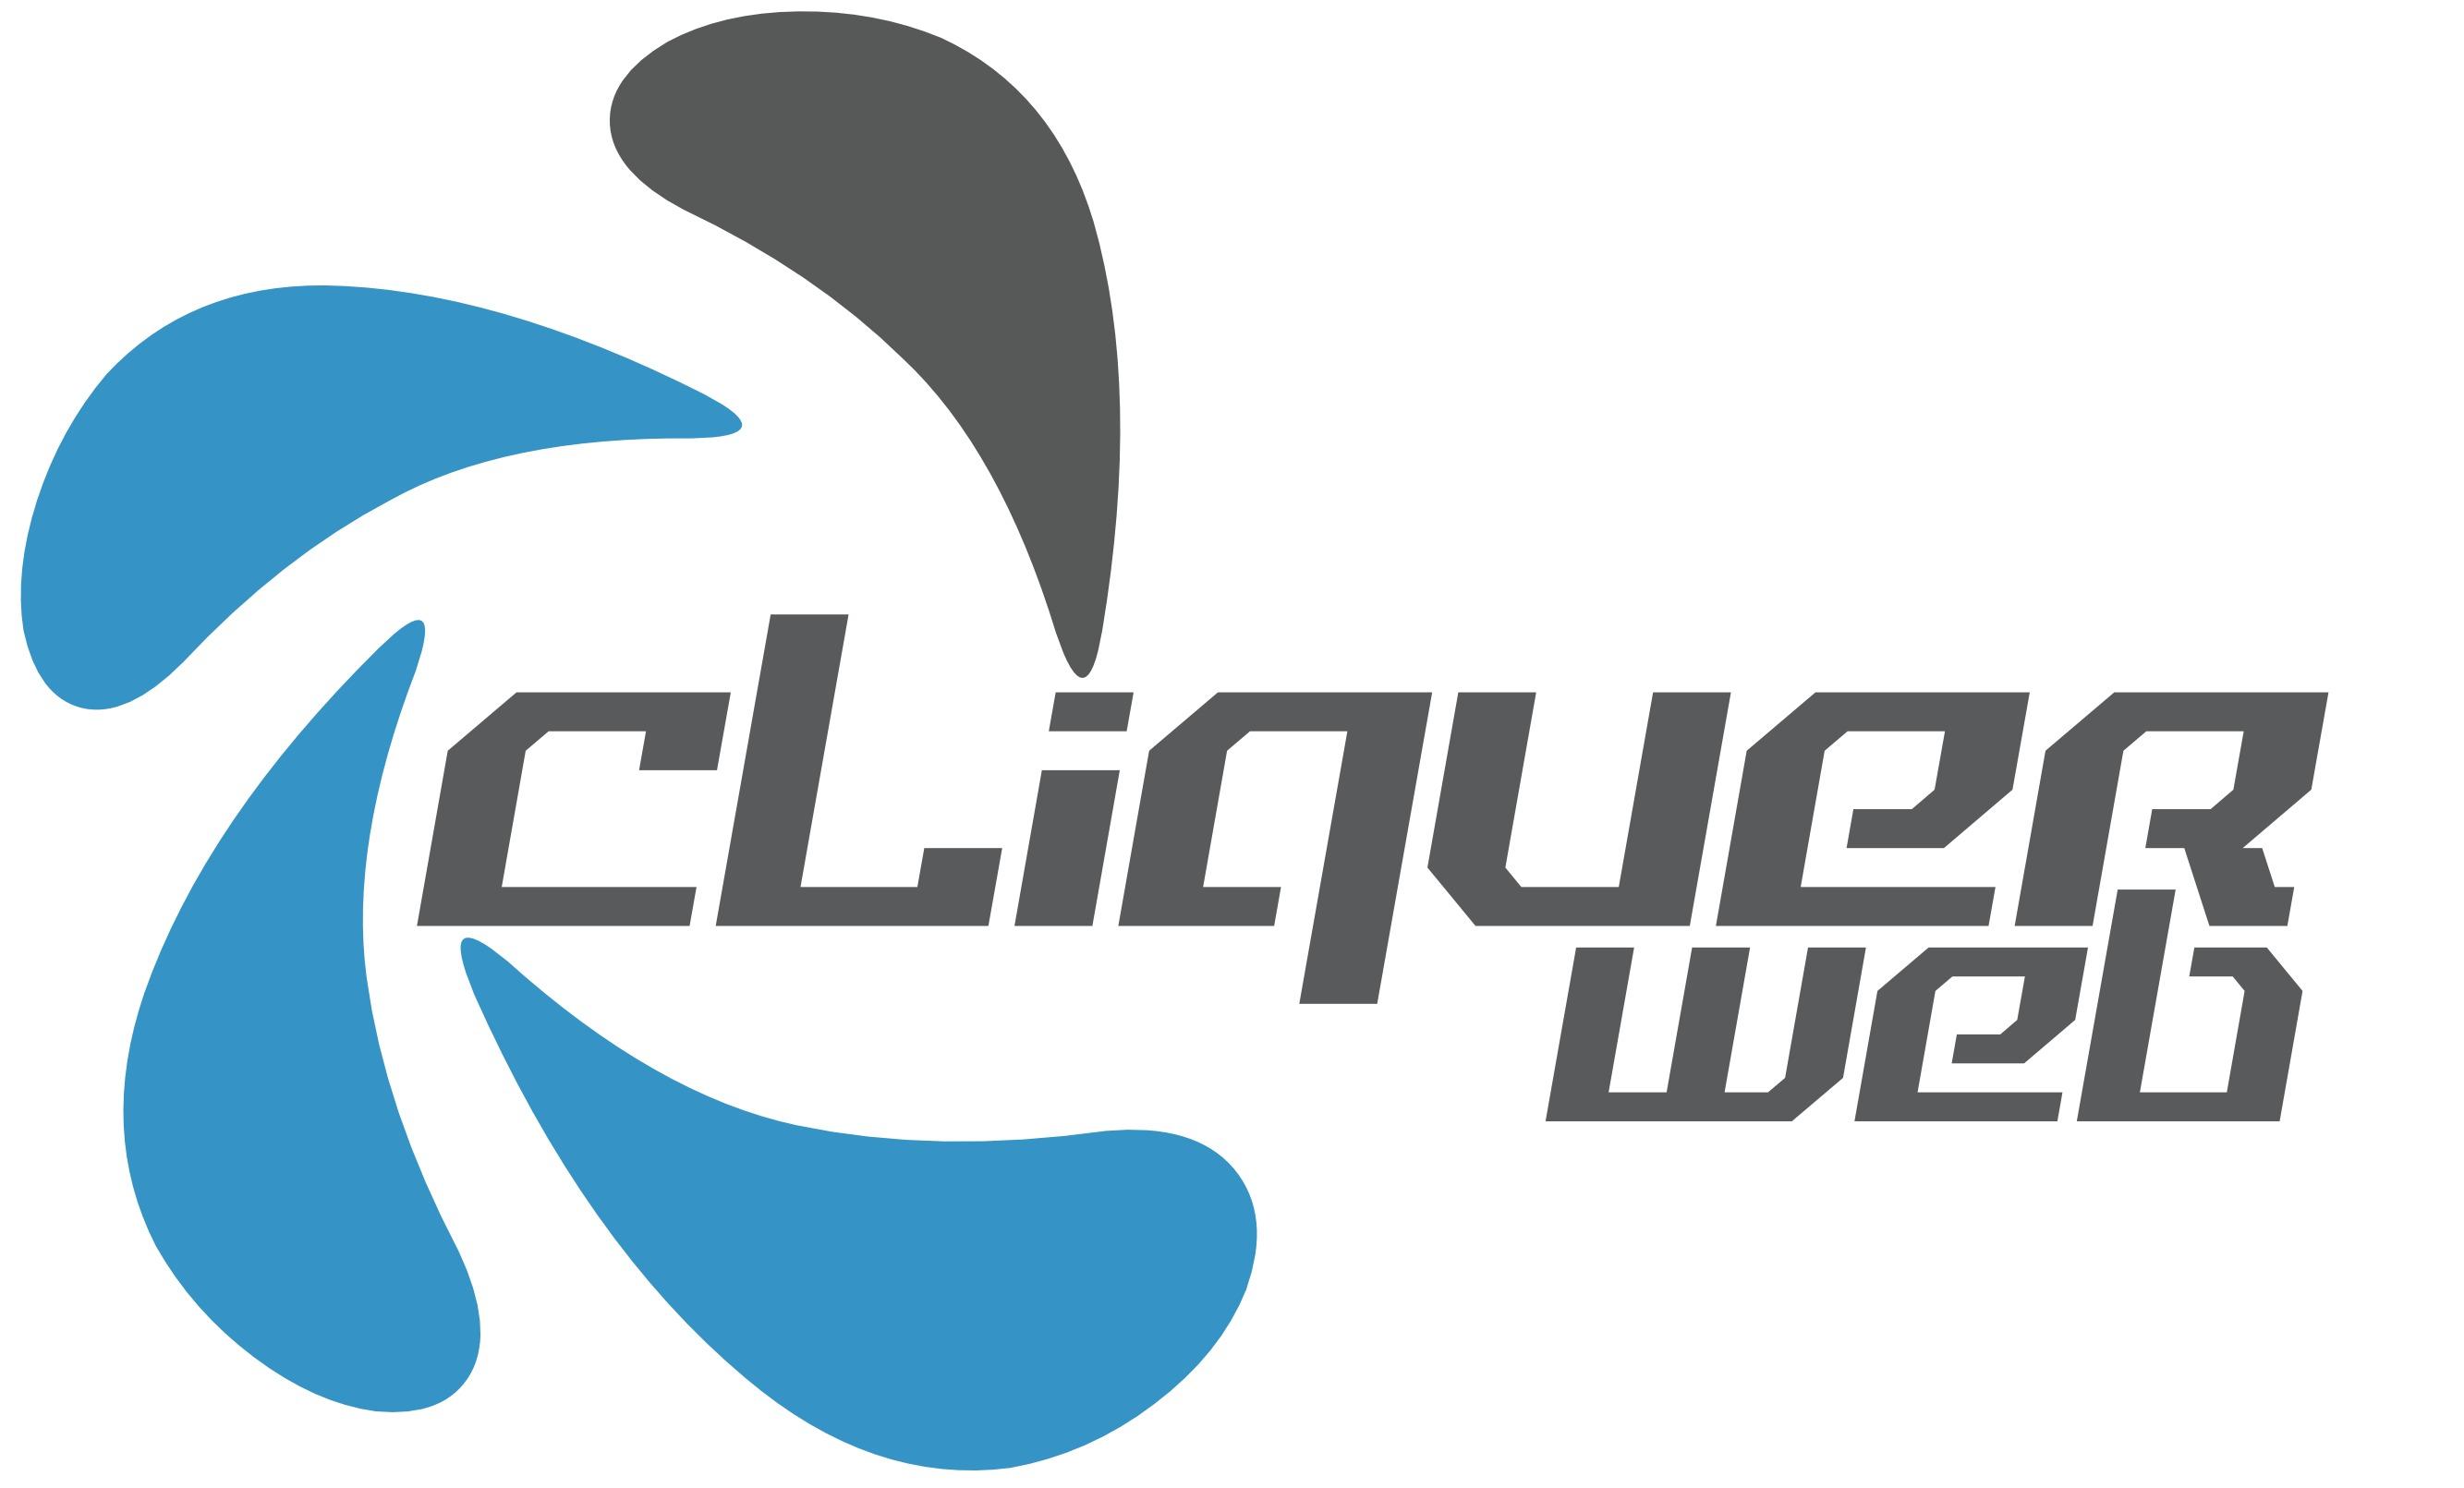 Cliquer-Web